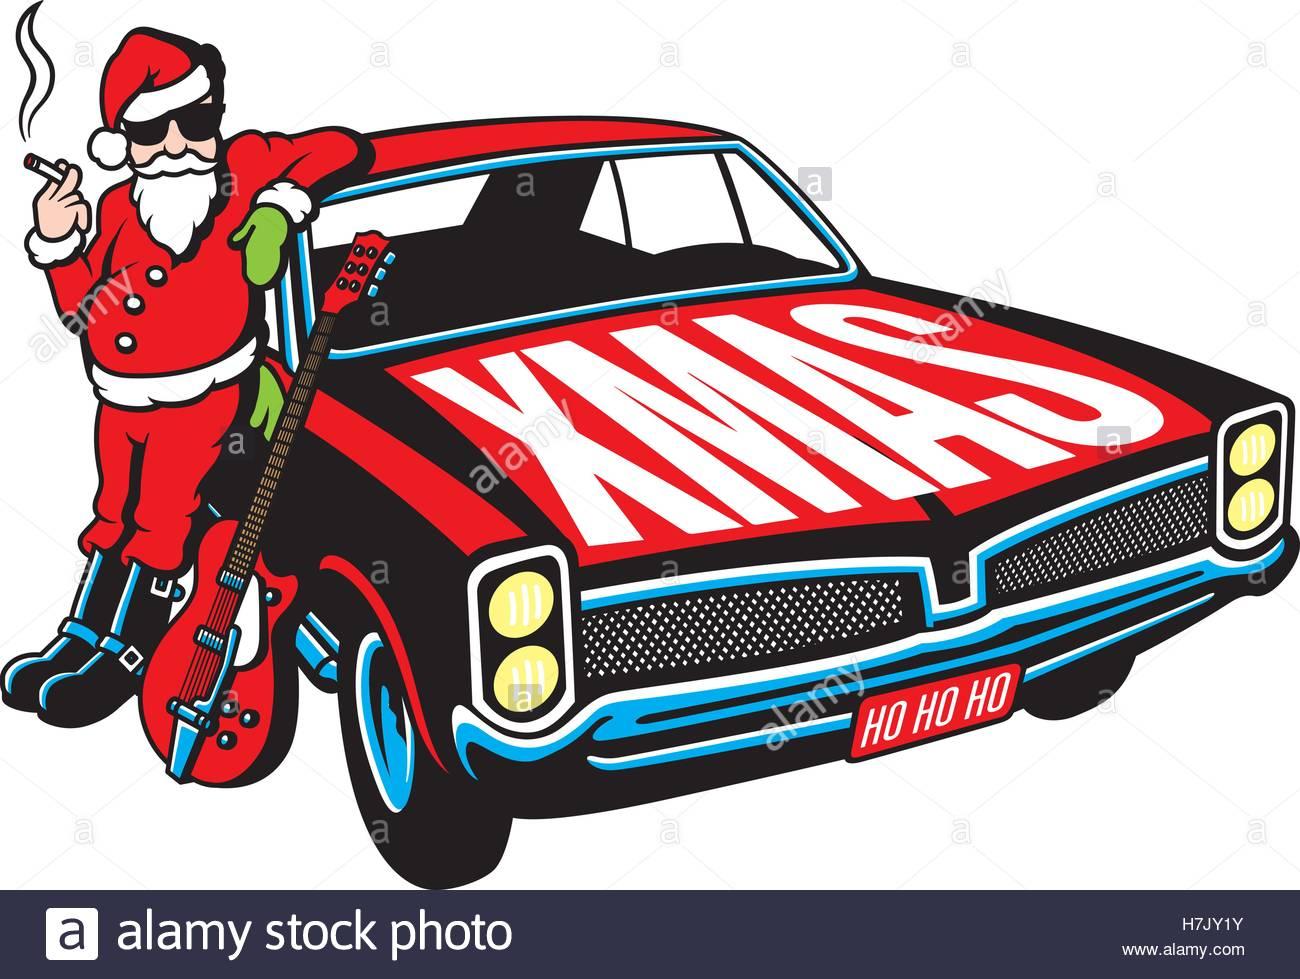 1300x979 Hotrod Custom Muscle Car Stock Photos Amp Hotrod Custom Muscle Car